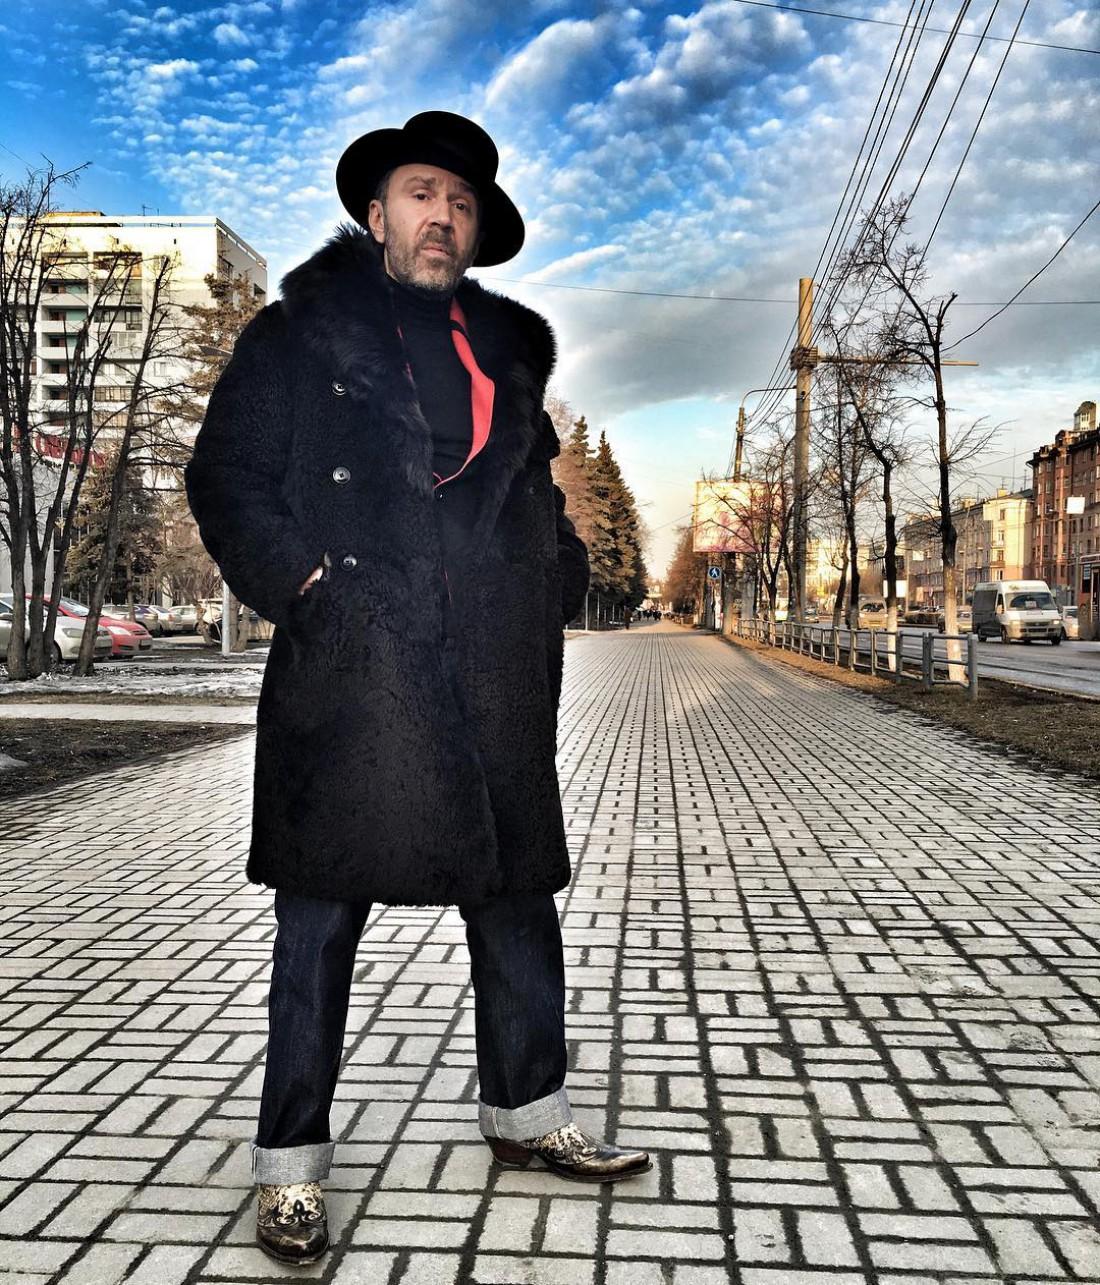 Сергей Шнуров, лидер группы Ленинград